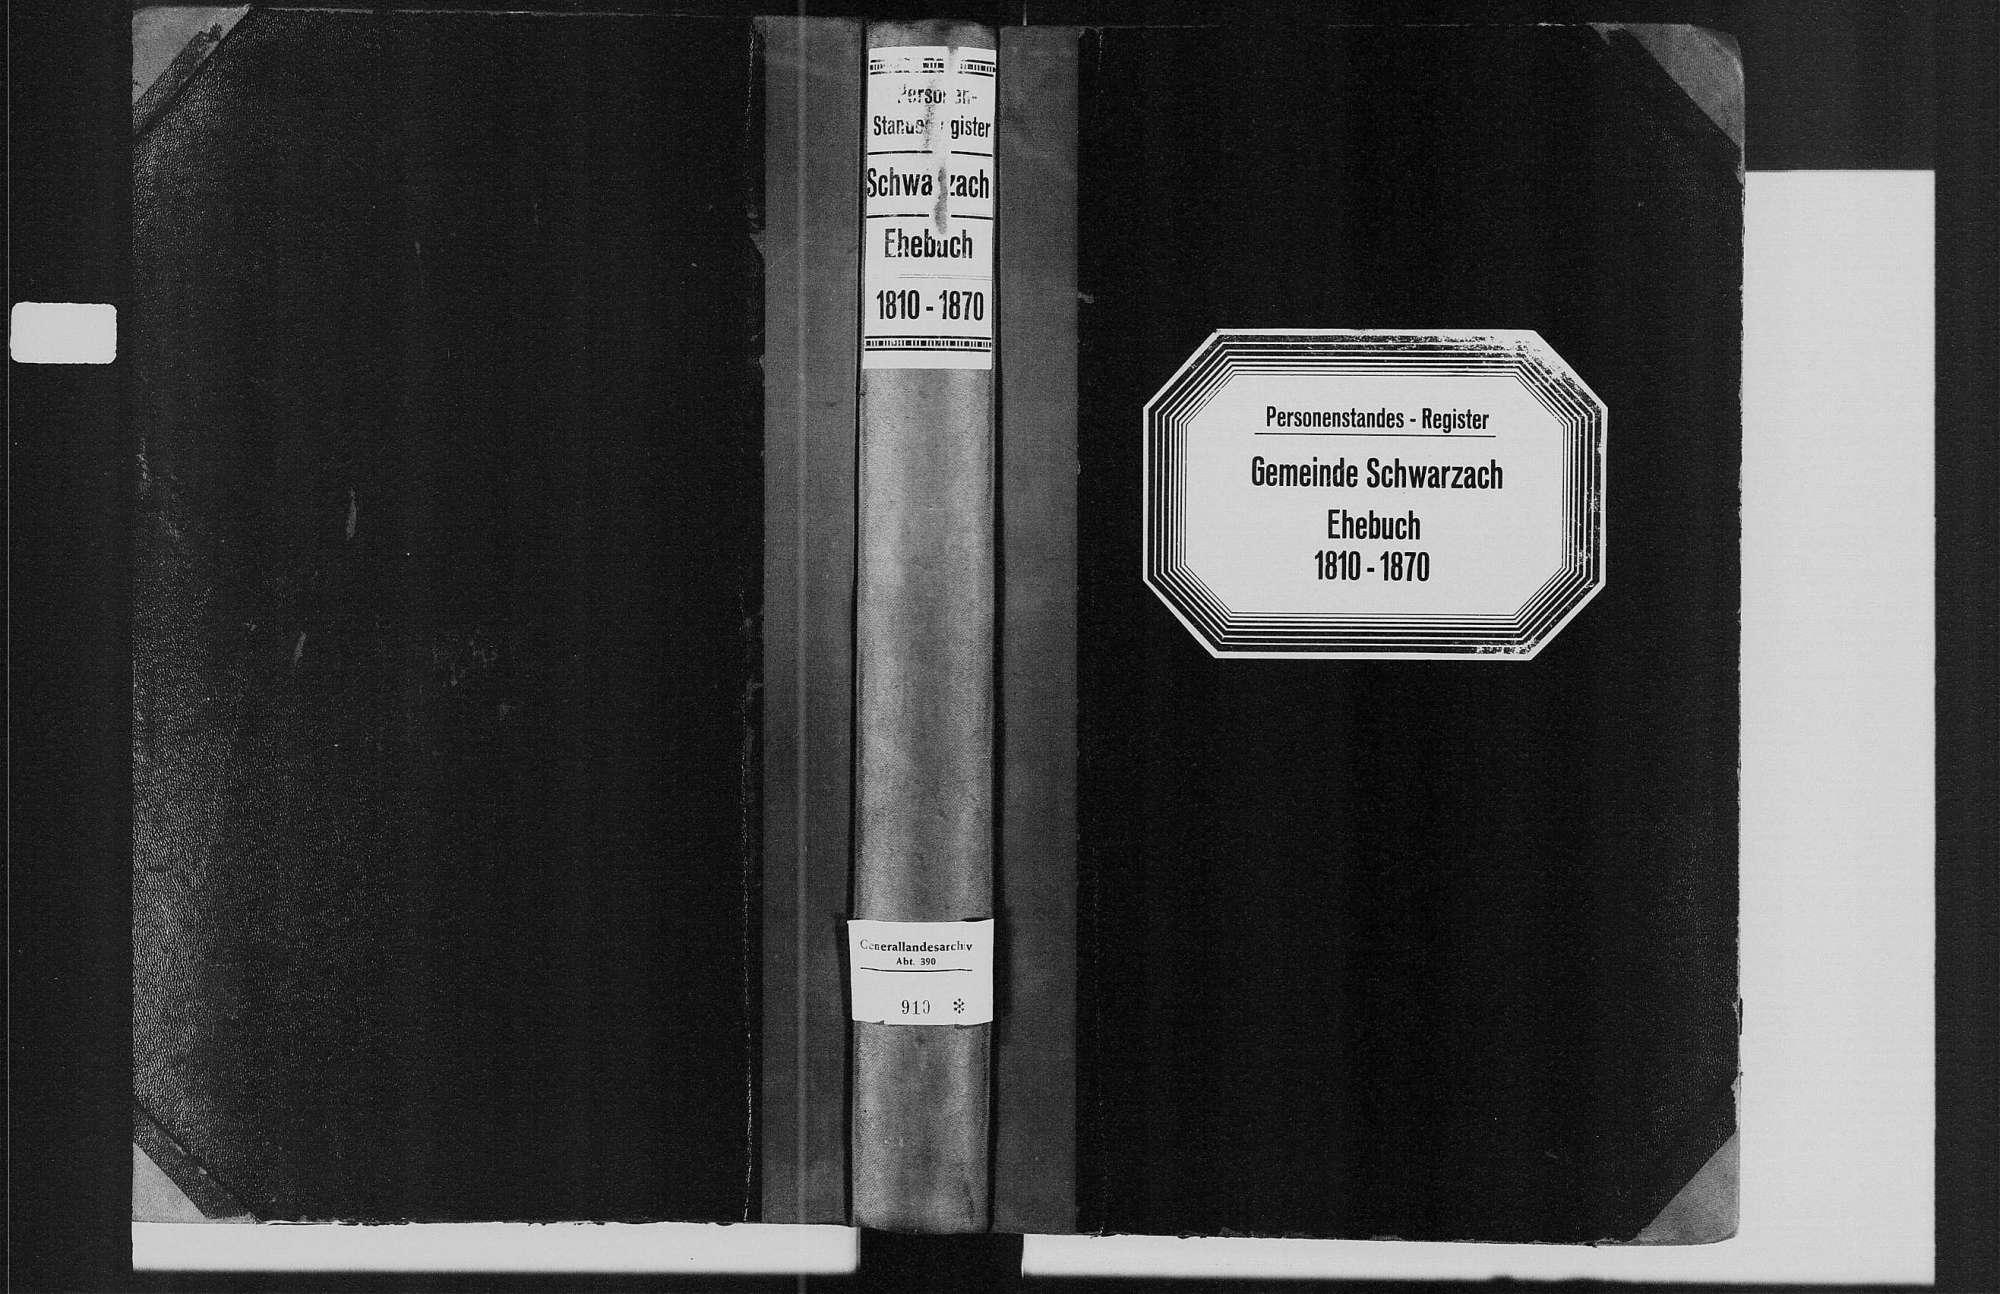 Schwarzach, evangelische, katholische und israelitische Gemeinde: Heiratsbuch 1810-1870, Bild 1